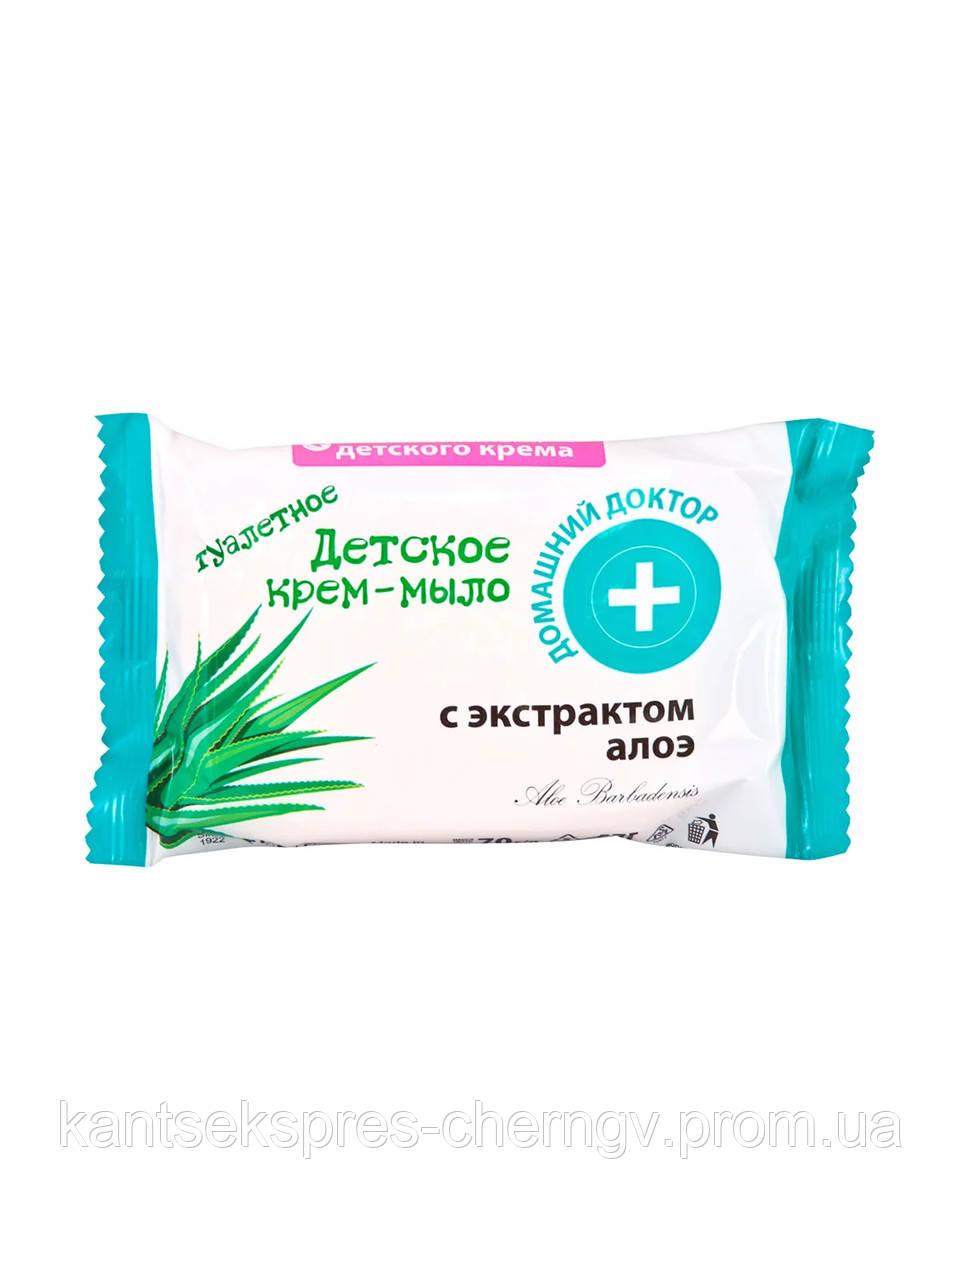 Детское крем-мыло с экстрактом алоэ 70гр